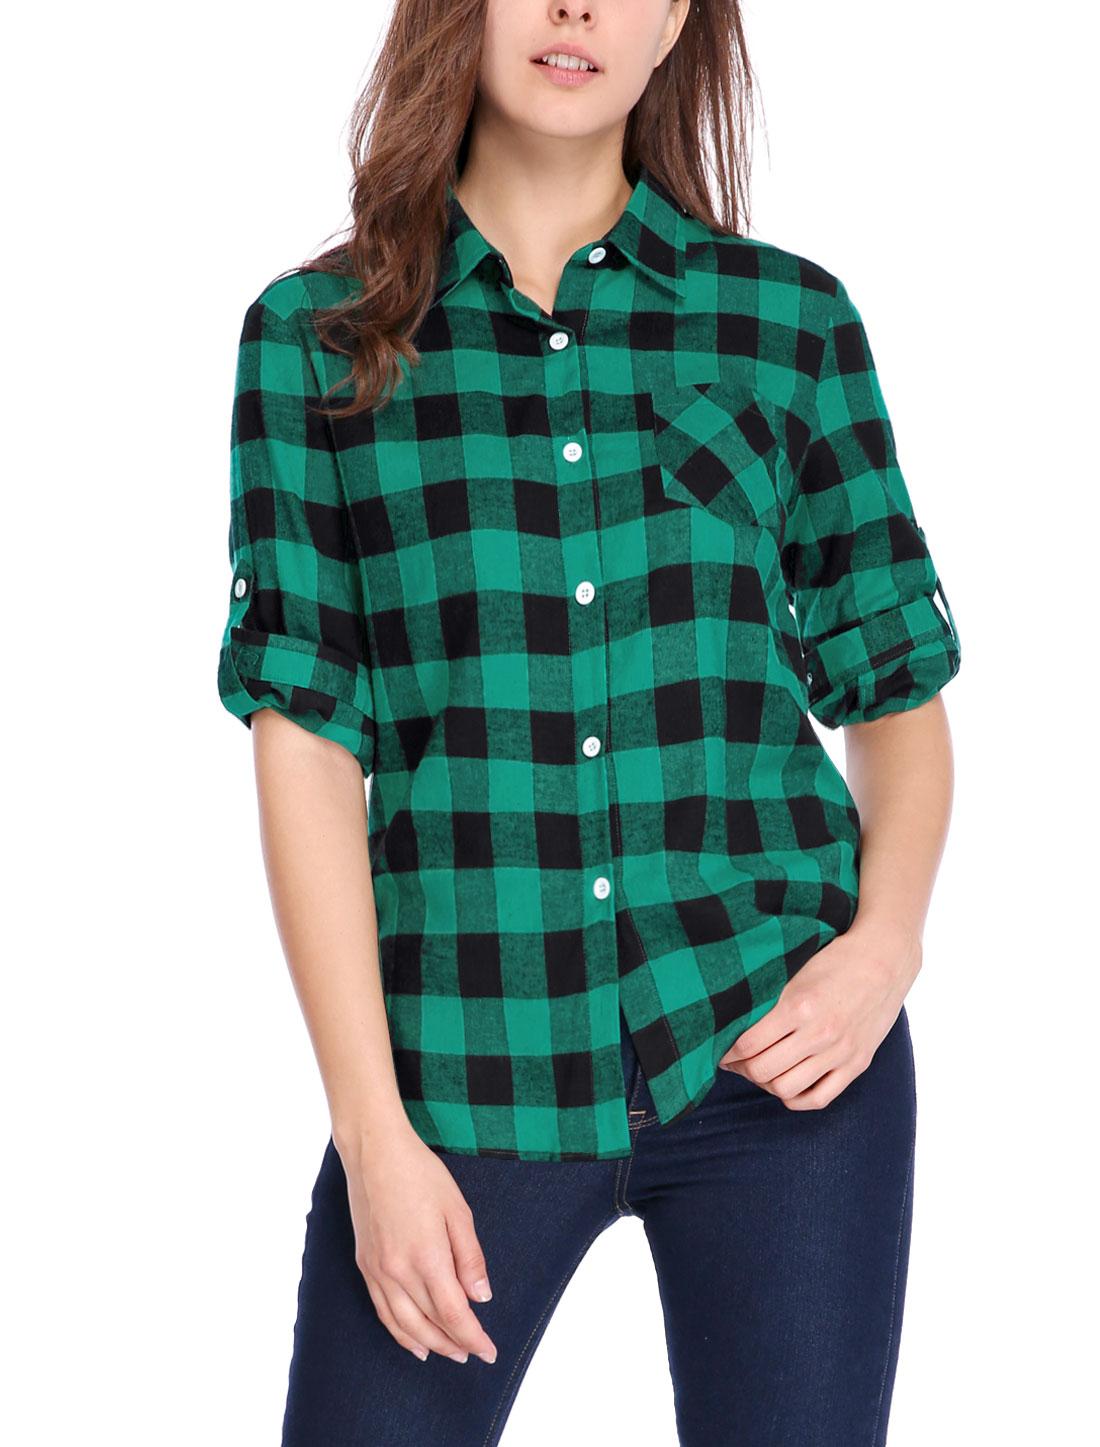 Allegra K Women Button Up Point Collar Pocket Plaids Print Shirt Green Black XS